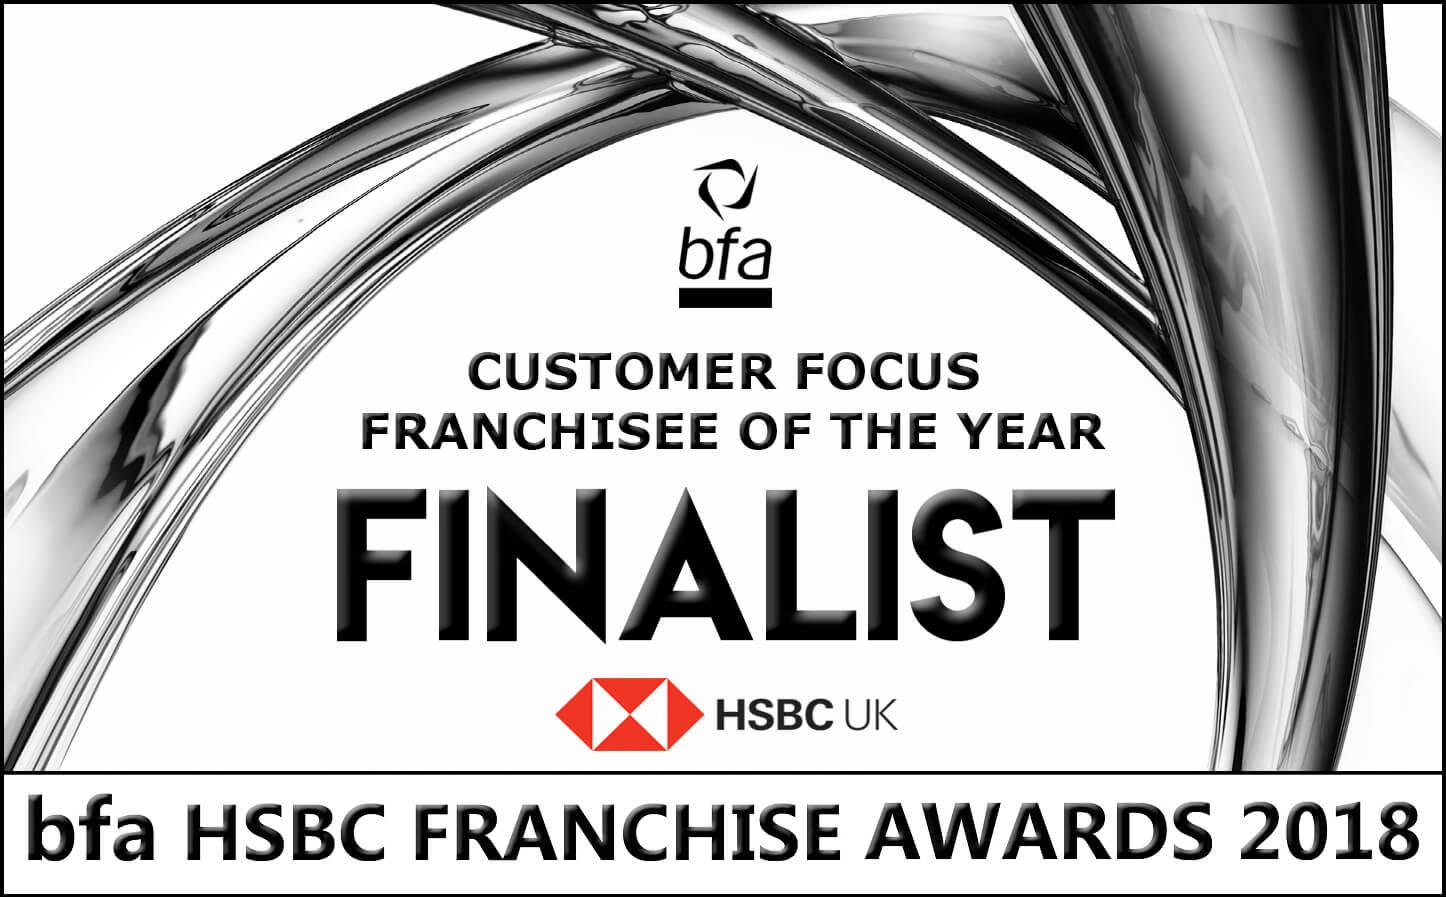 bfa finalist 2018